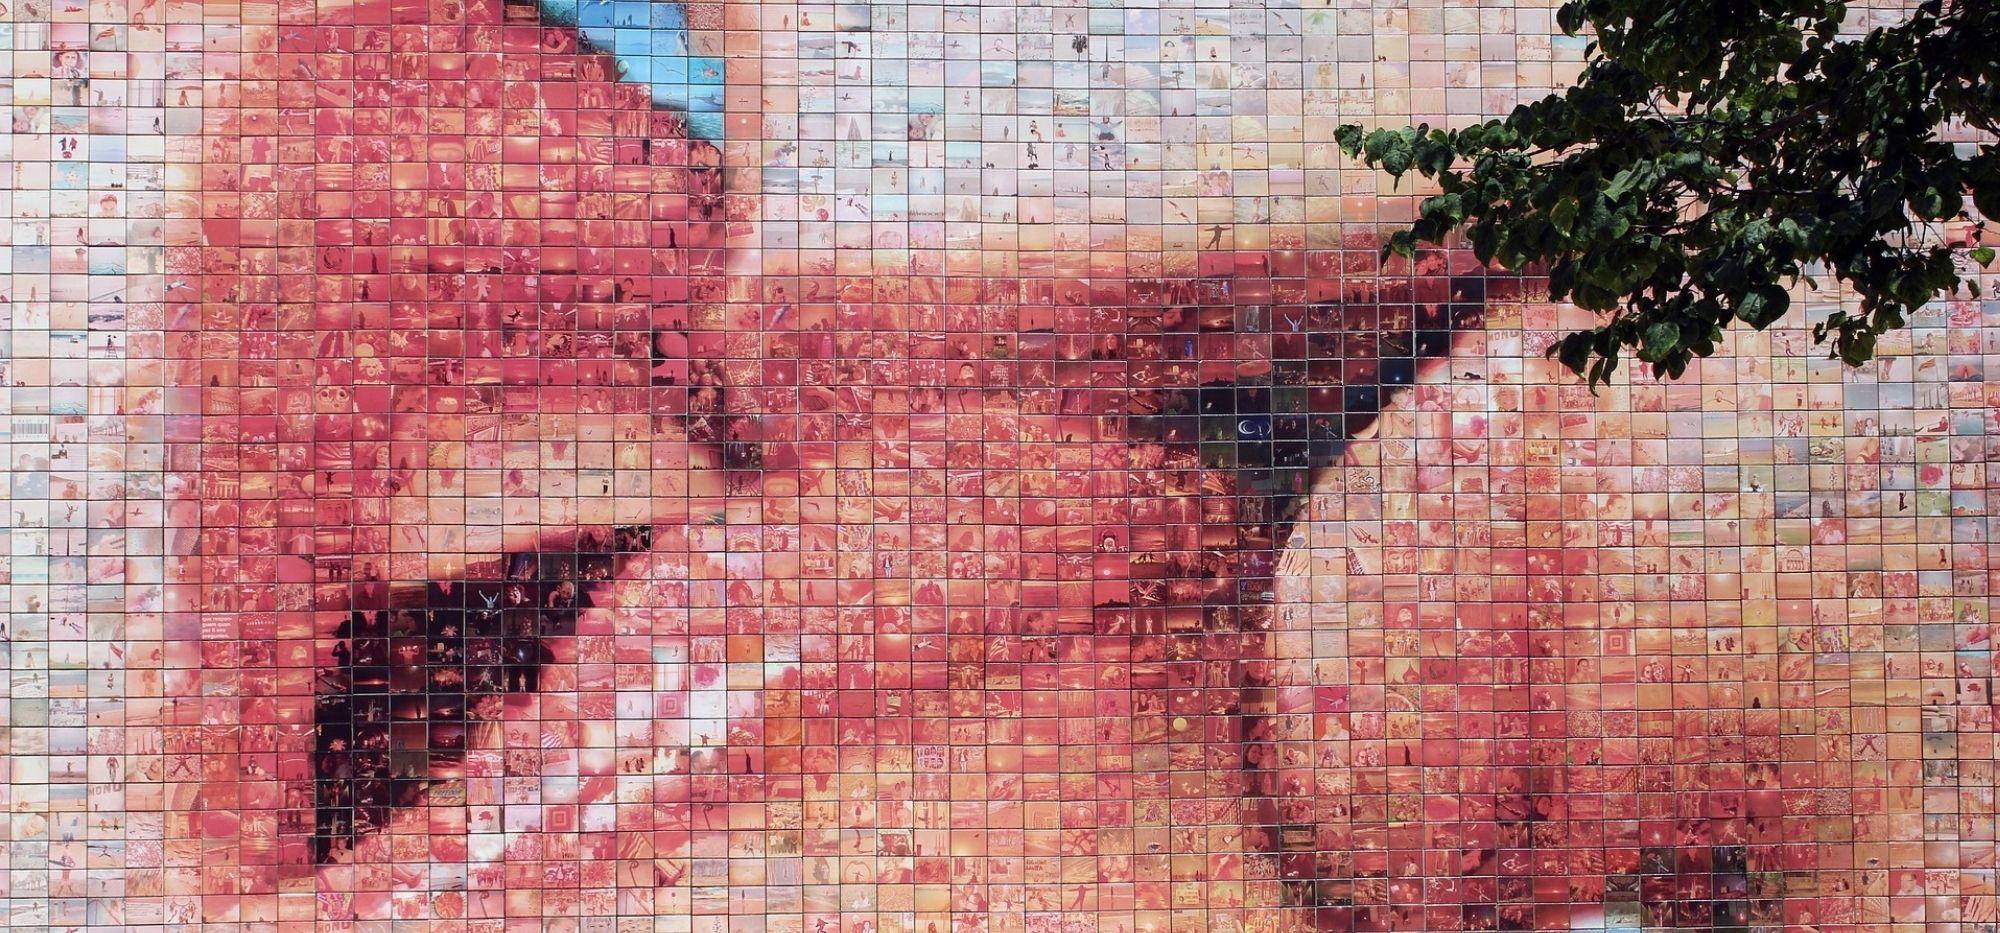 Mural El Beso. Wolność i miłość w Dzielnicy Gotyckiej